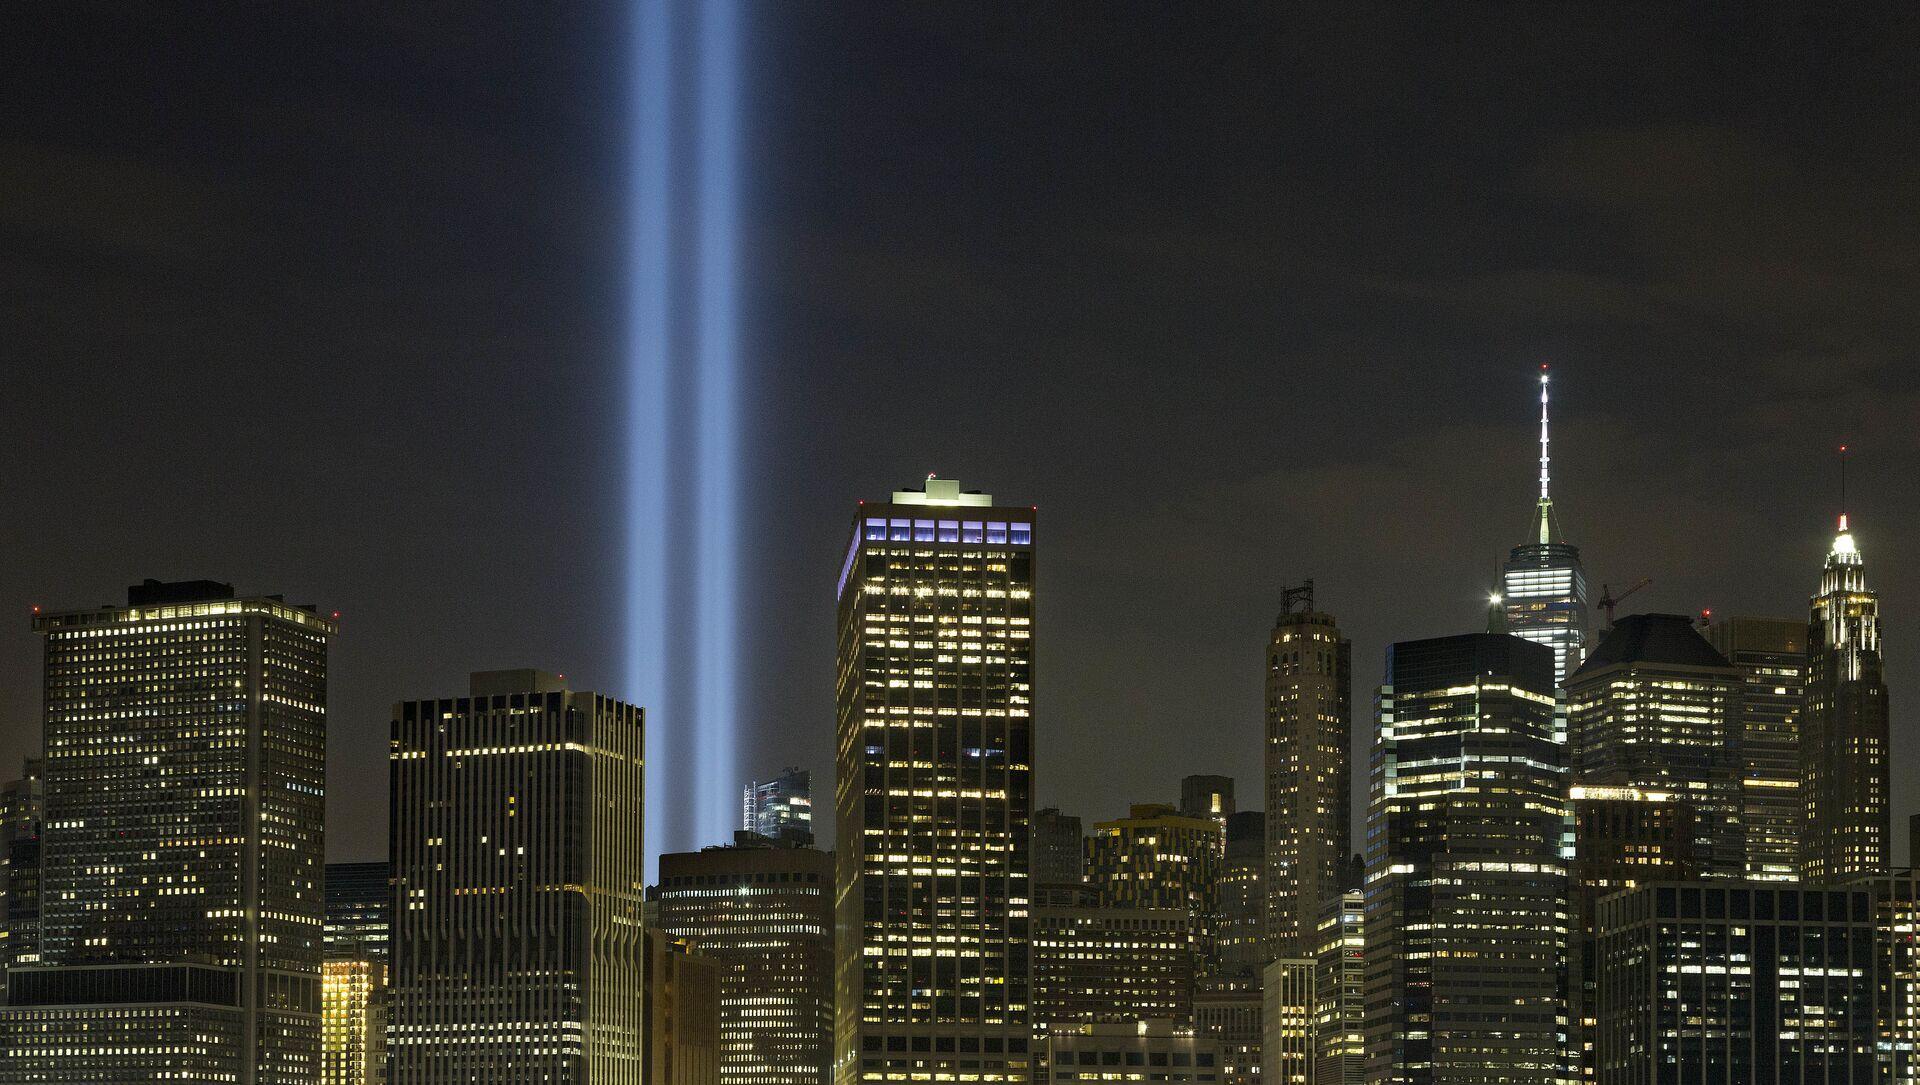 La conmemoración de la tragedia del 11 de septiembre en Nueva York, EEUU - Sputnik Mundo, 1920, 15.01.2019